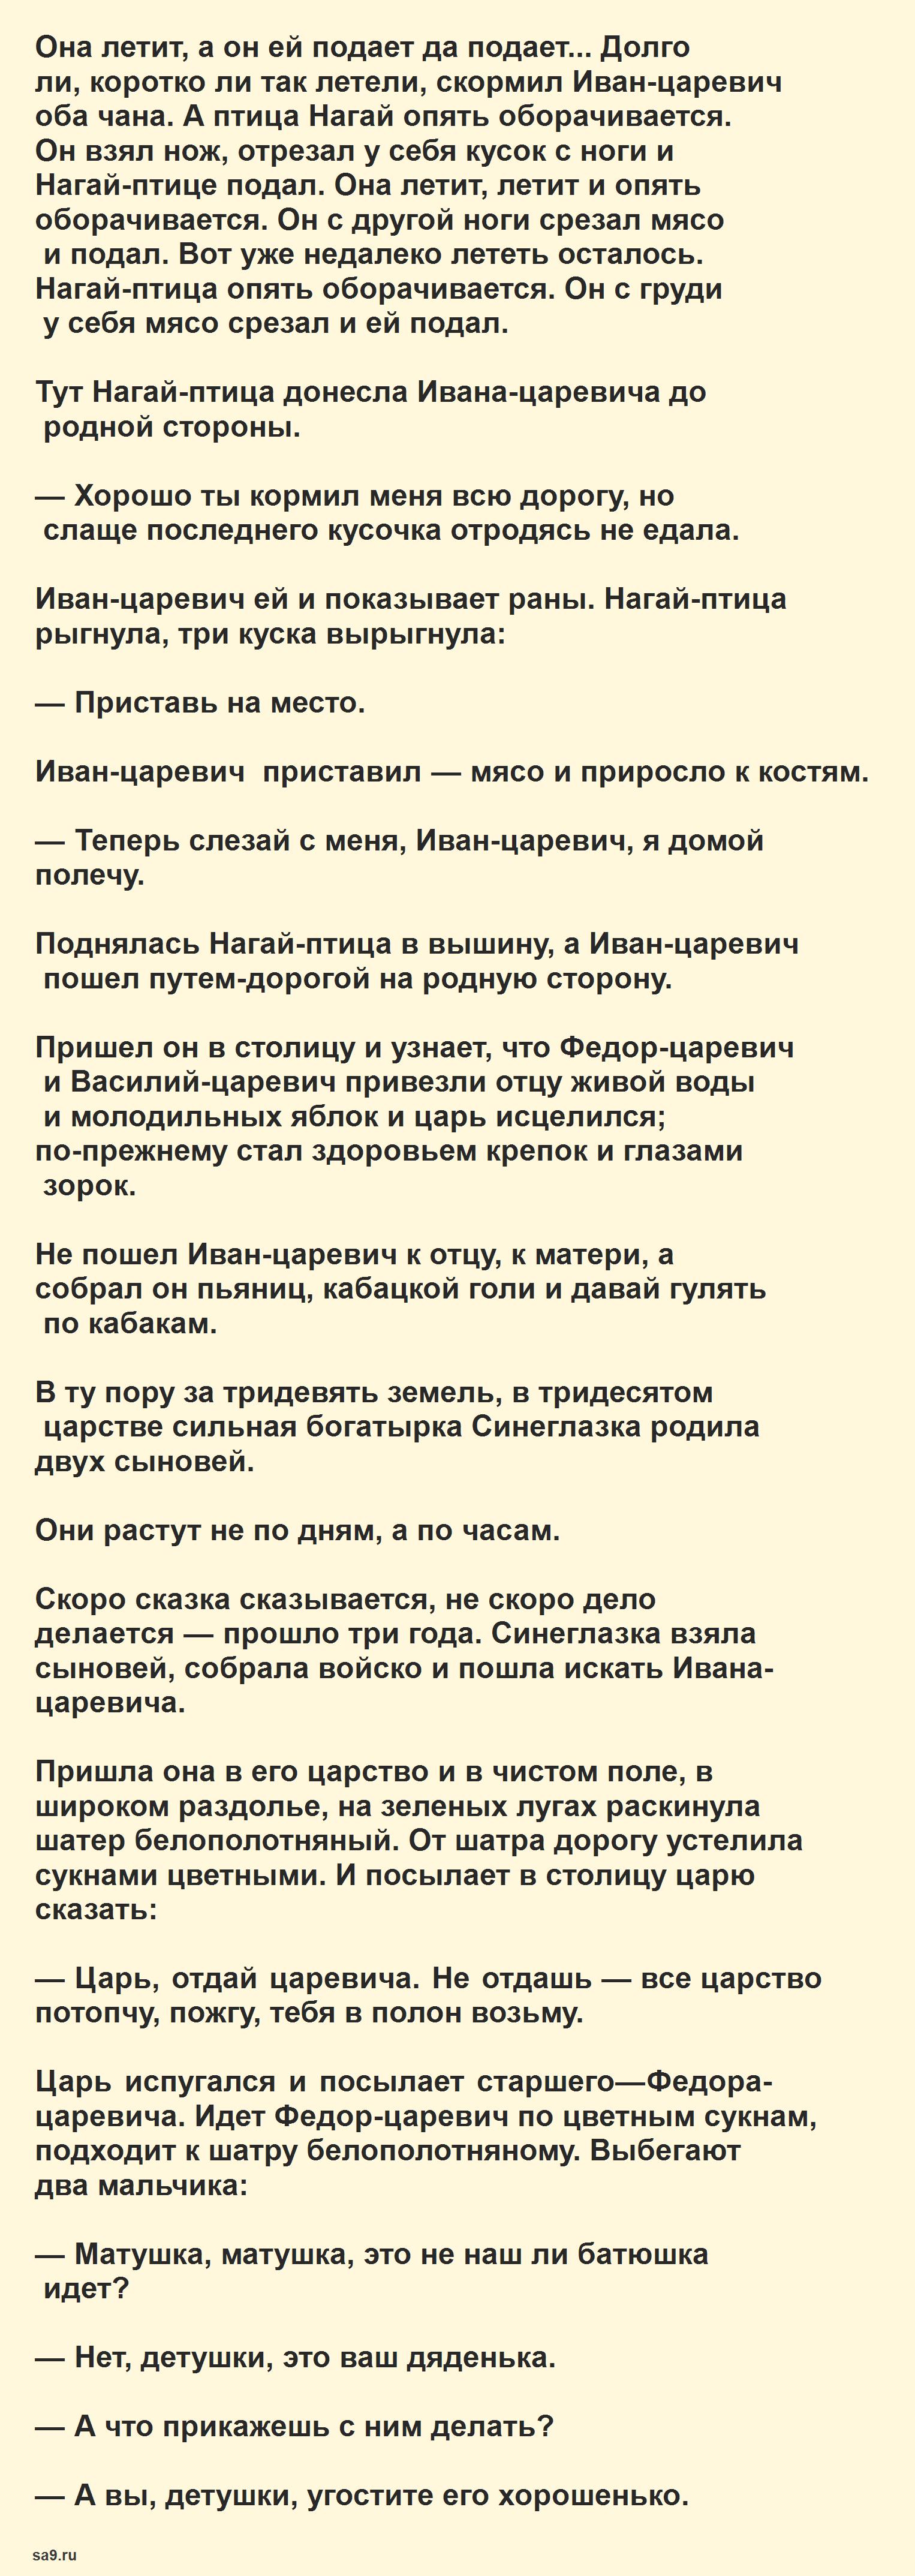 О молодильных яблоках и живой воде - русская народная сказка